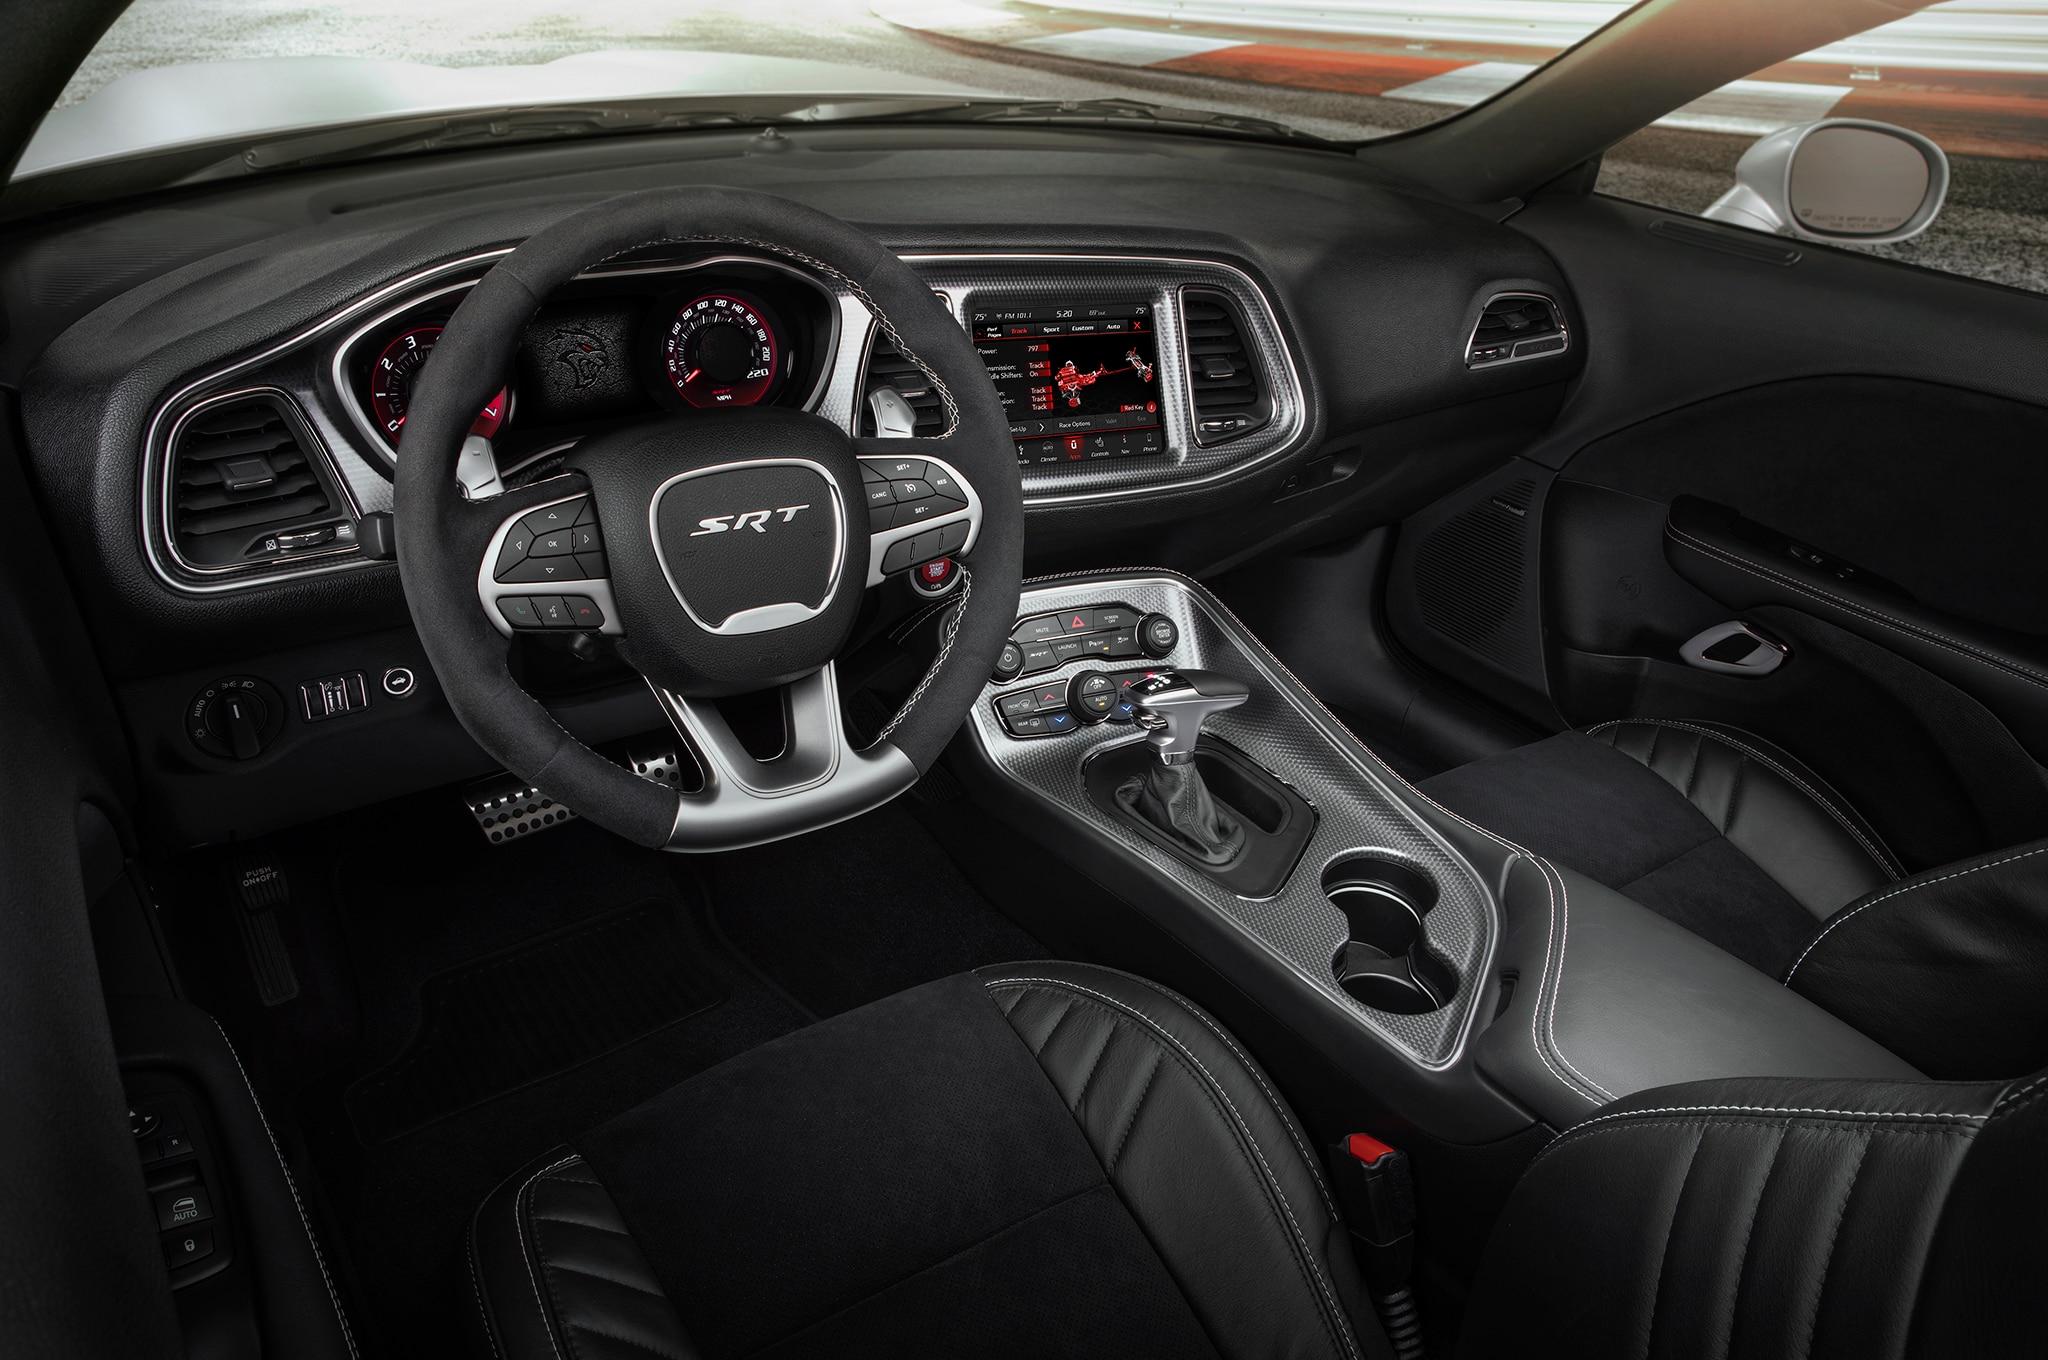 2019 Dodge Challenger SRT Hellcat Redeye Widebody interior ...